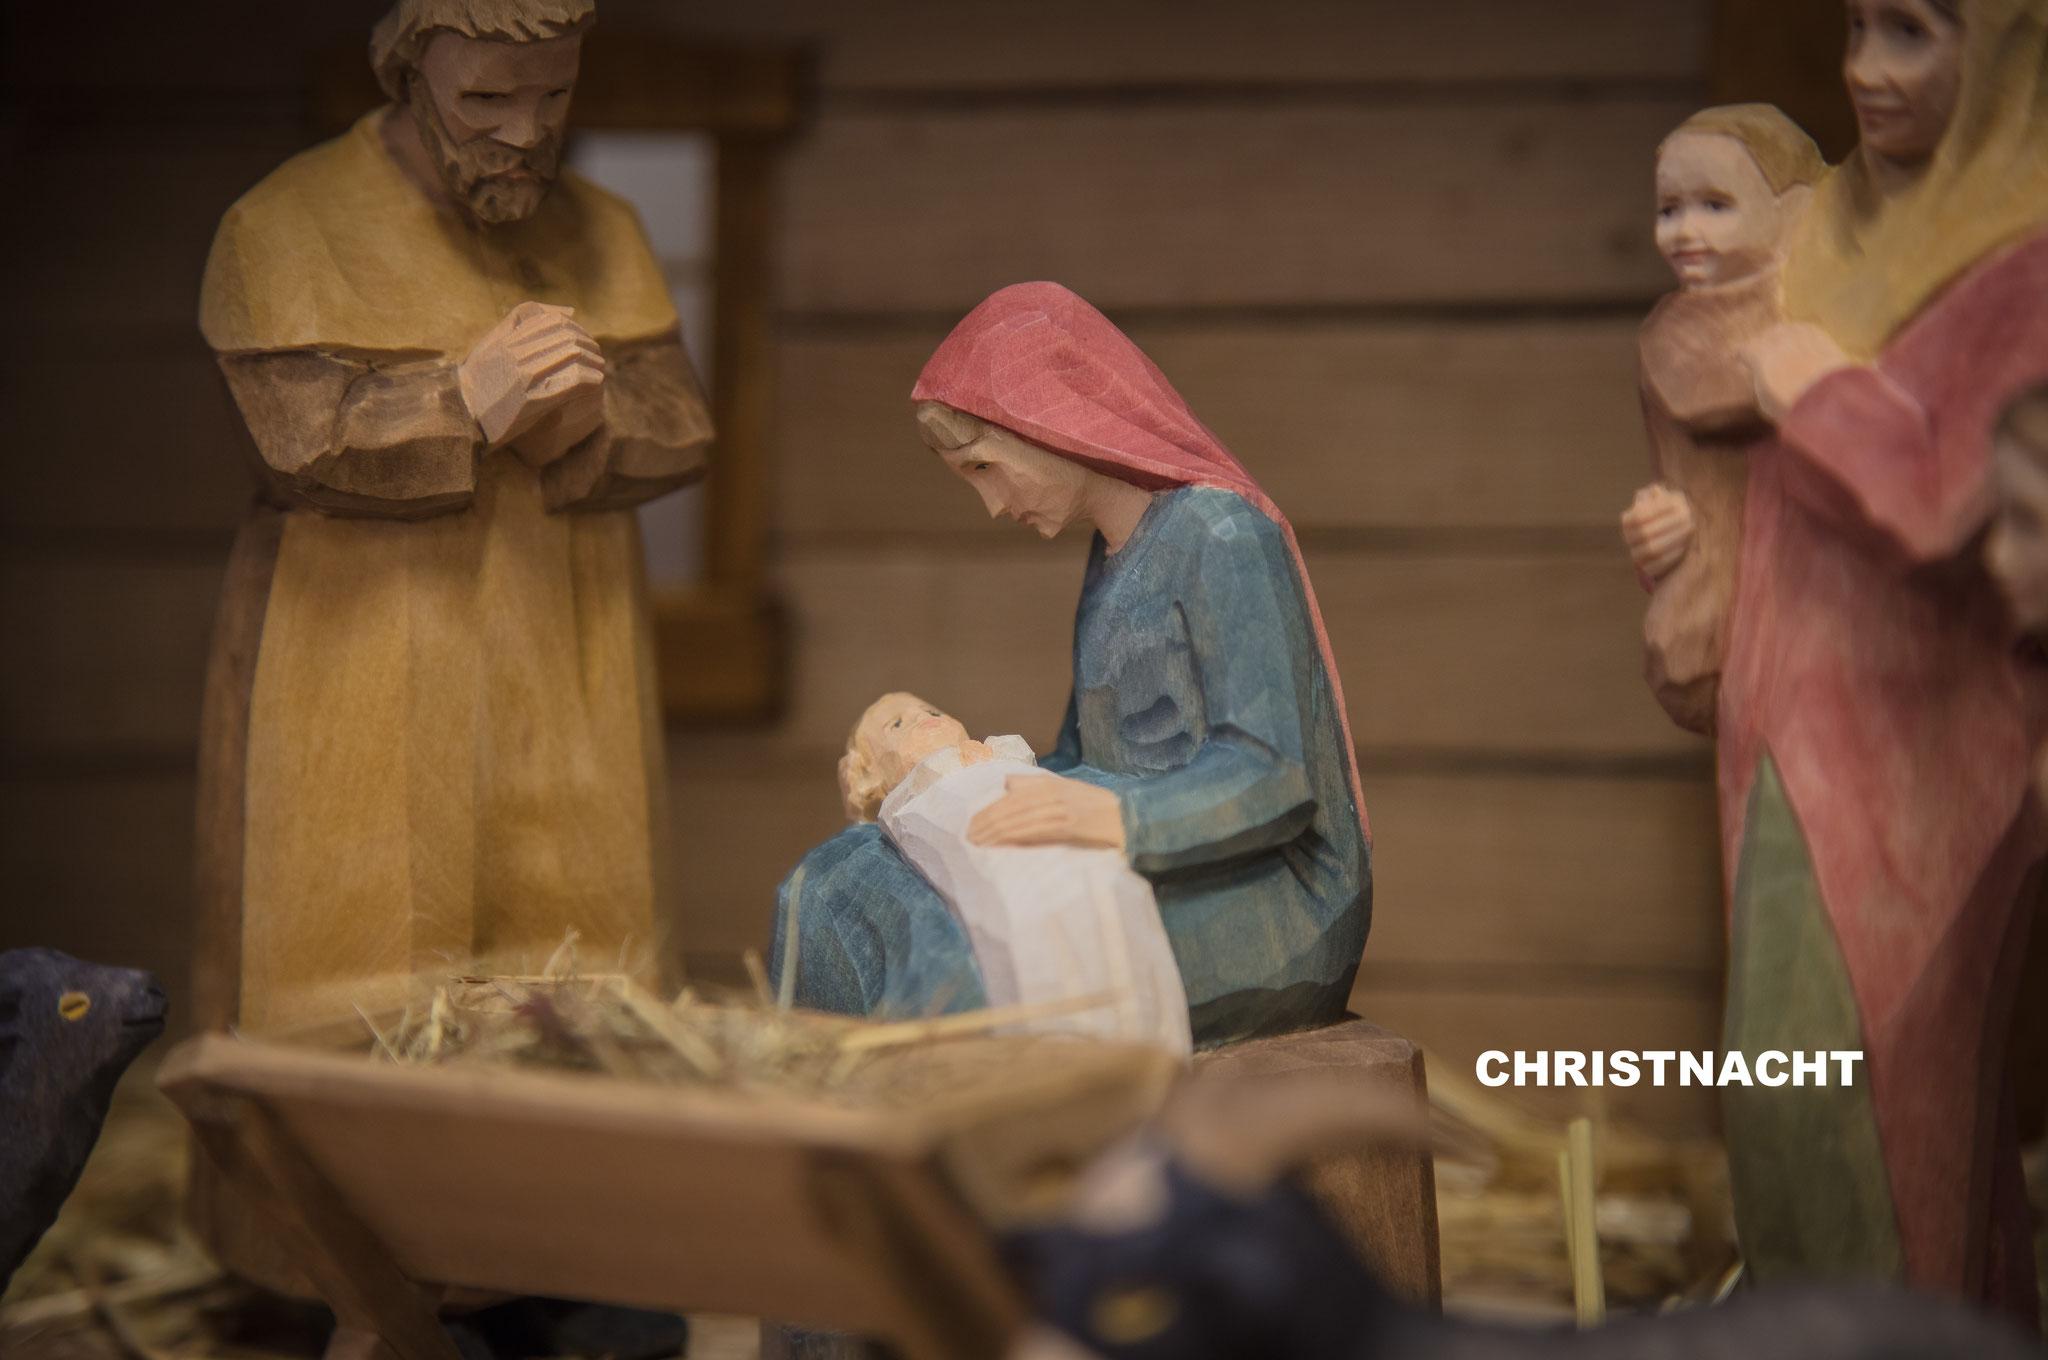 Krippenfiguren Christnacht